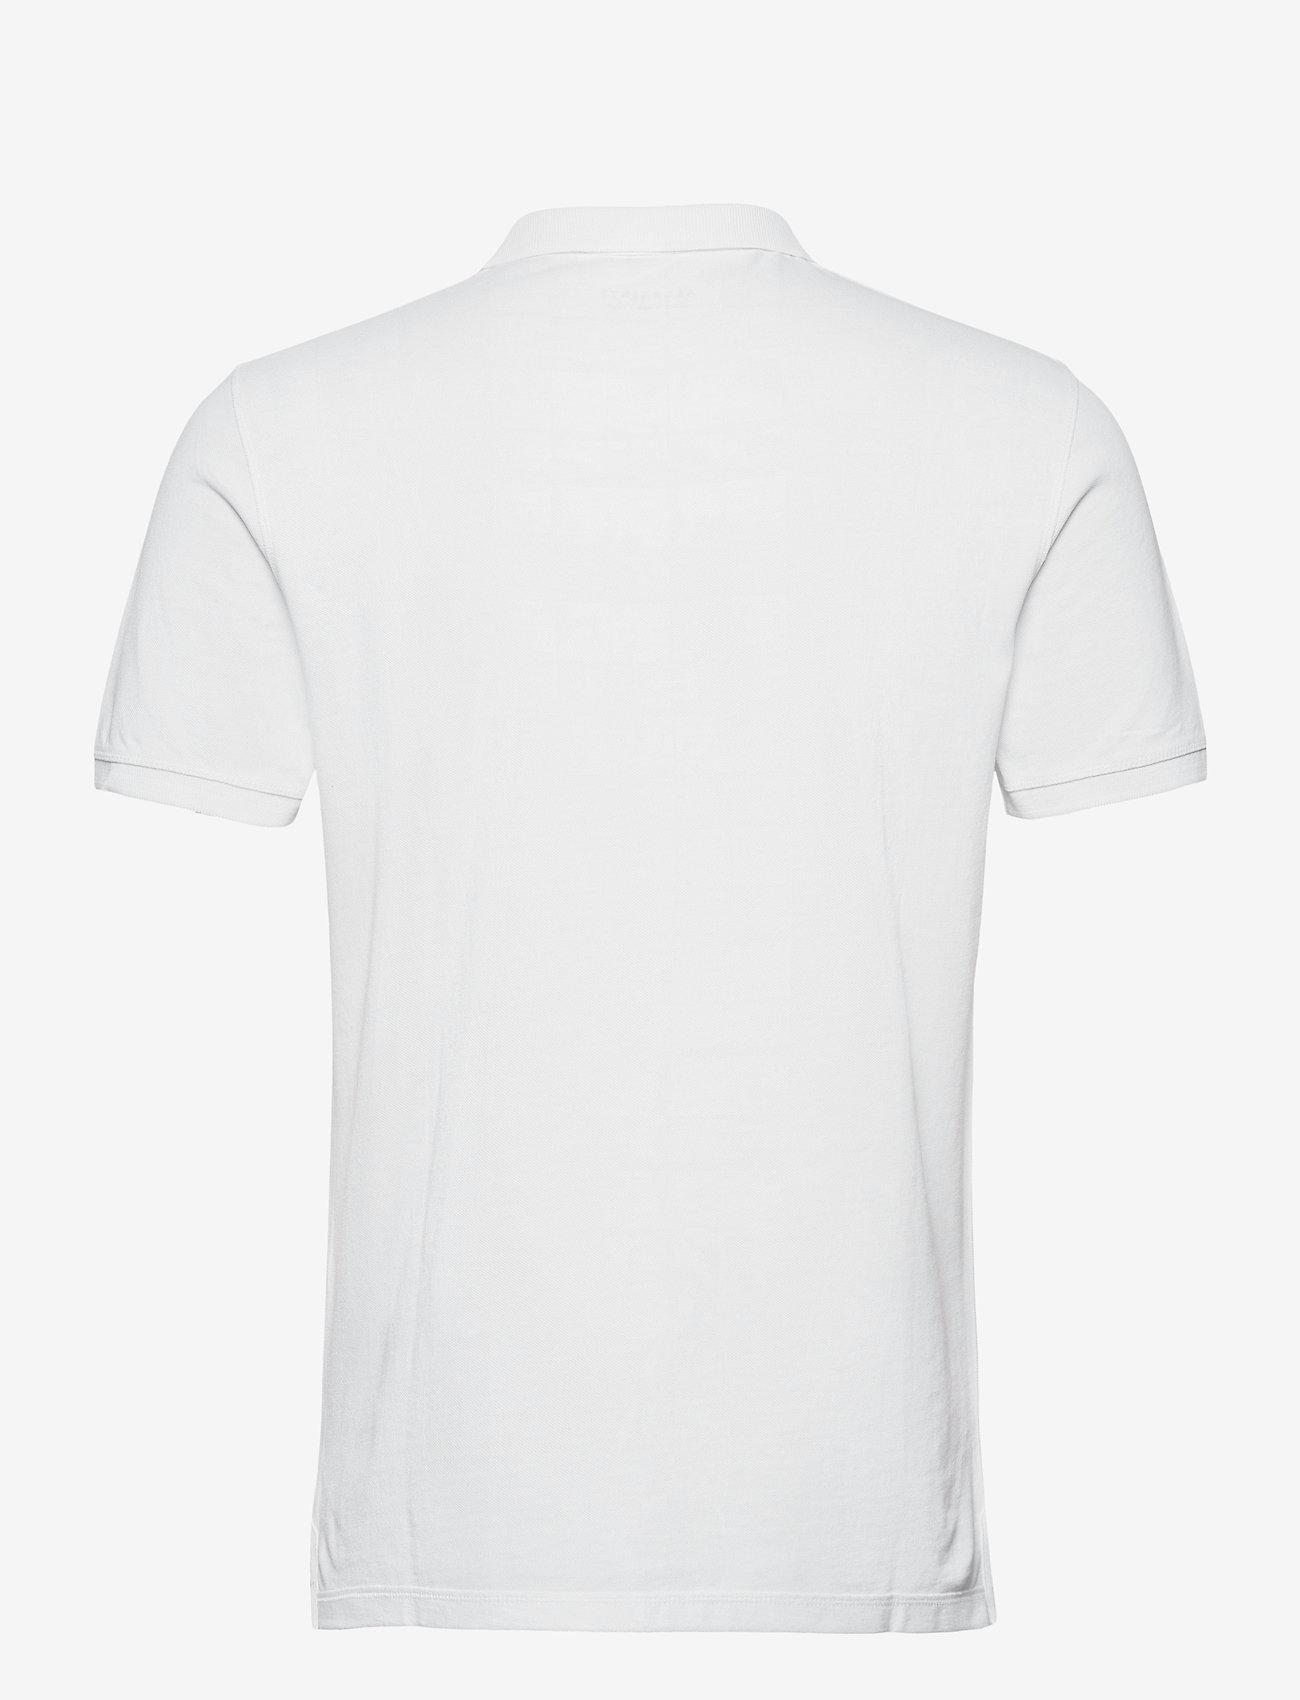 AllSaints REFORM SS POLO - Poloskjorter OPTIC WHITE - Menn Klær